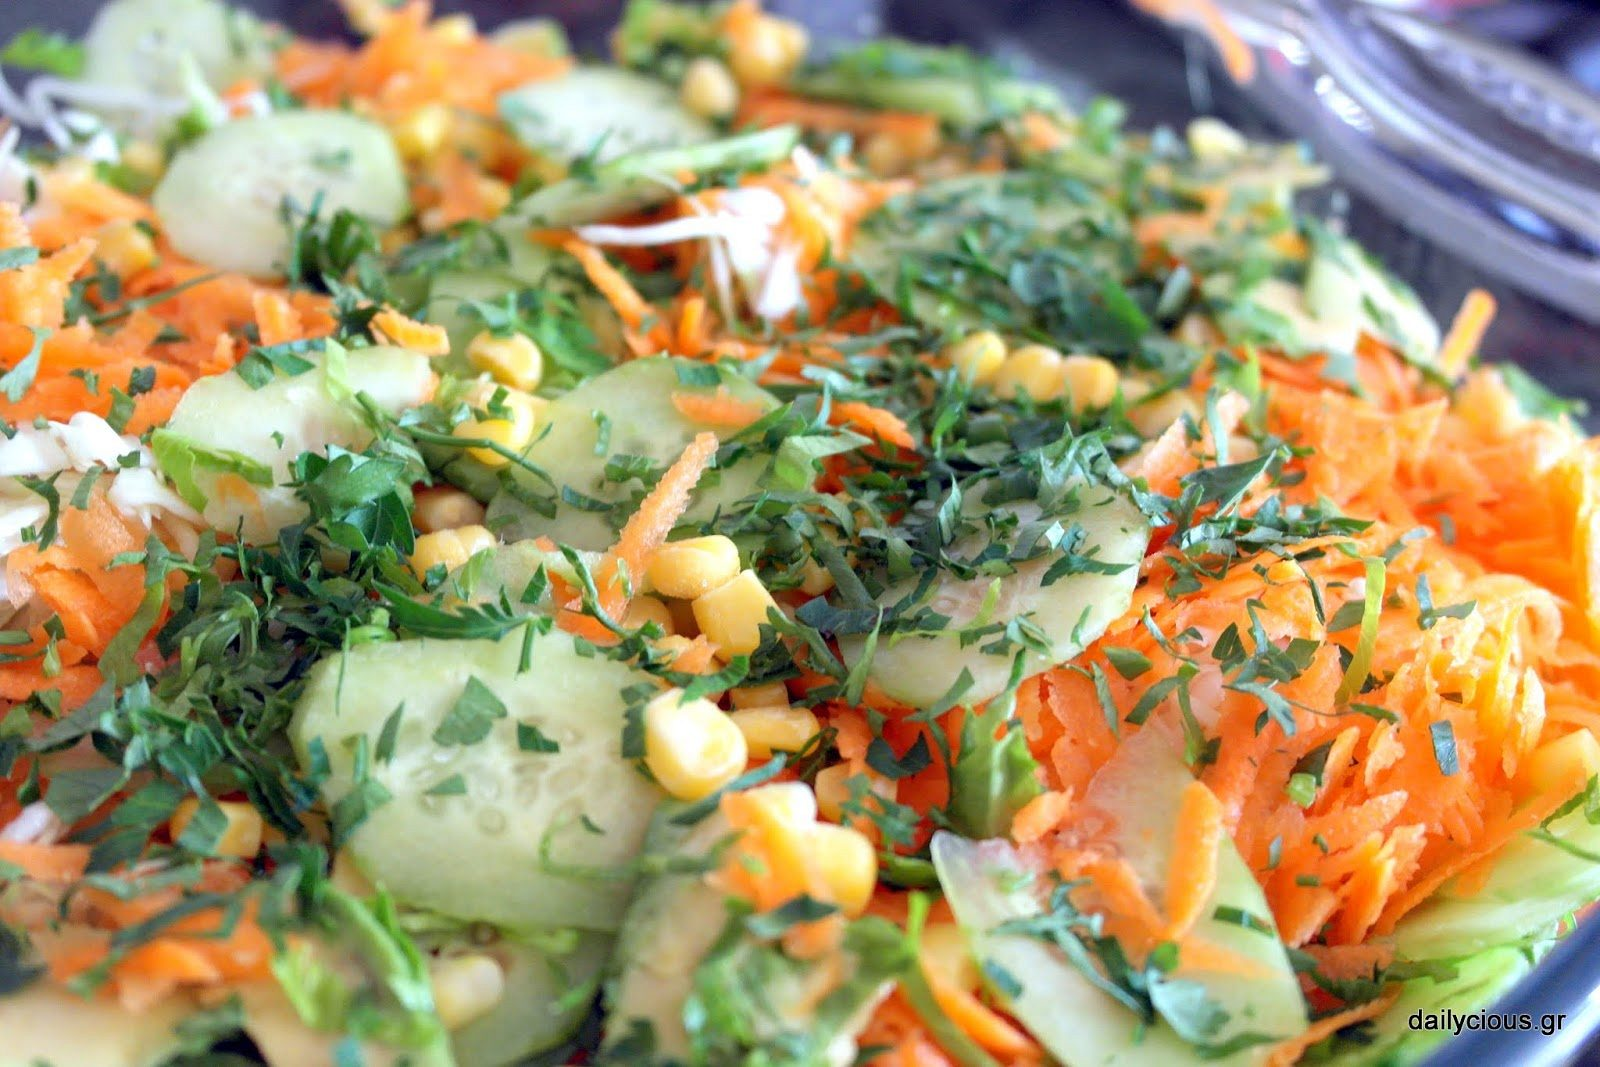 Η σαλάτα με το λάχανο, το καρότο, το καλαμπόκι κι το αβοκάντο, είναι έτοιμη!